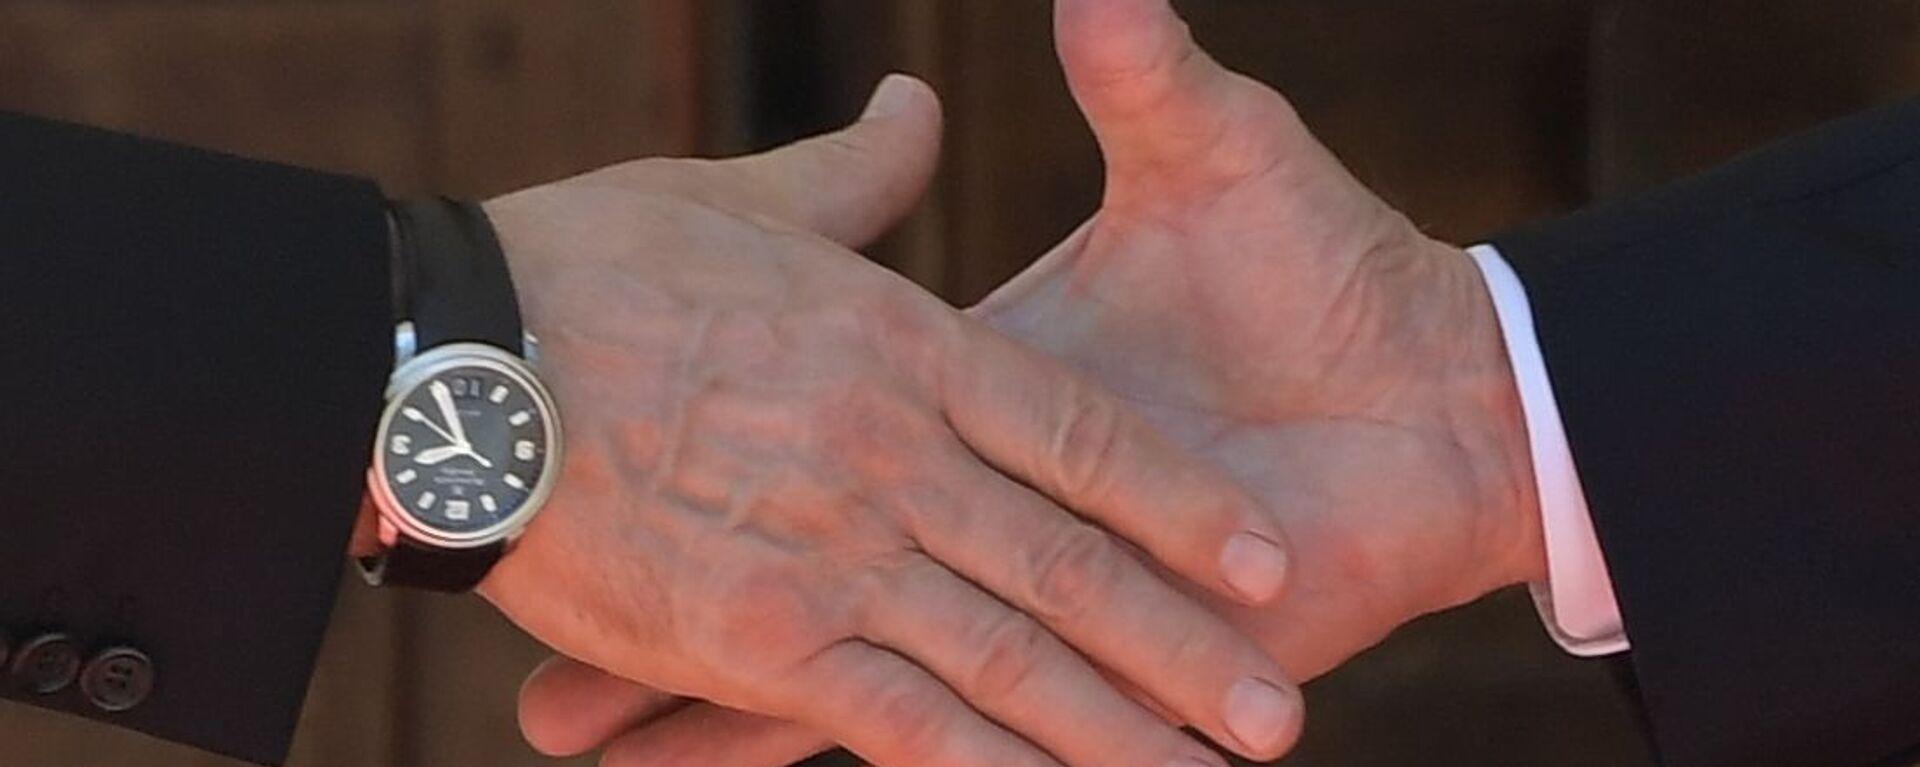 Pierwszy uścisk dłoni prezydentów Rosji i USA w Genewie - Sputnik Polska, 1920, 02.08.2021